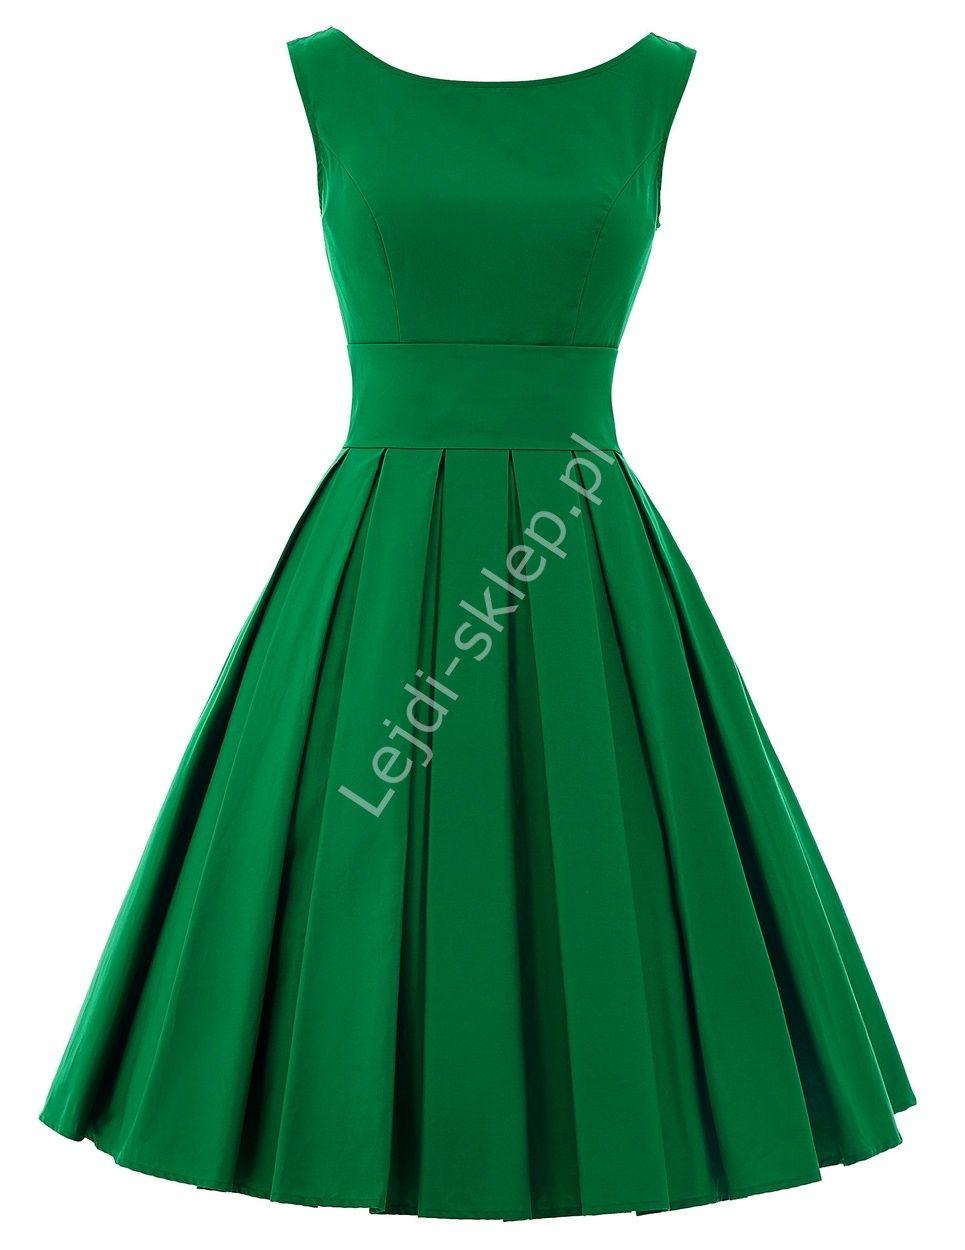 6df821cd3b Zielona sukienka z plisowanym dołem